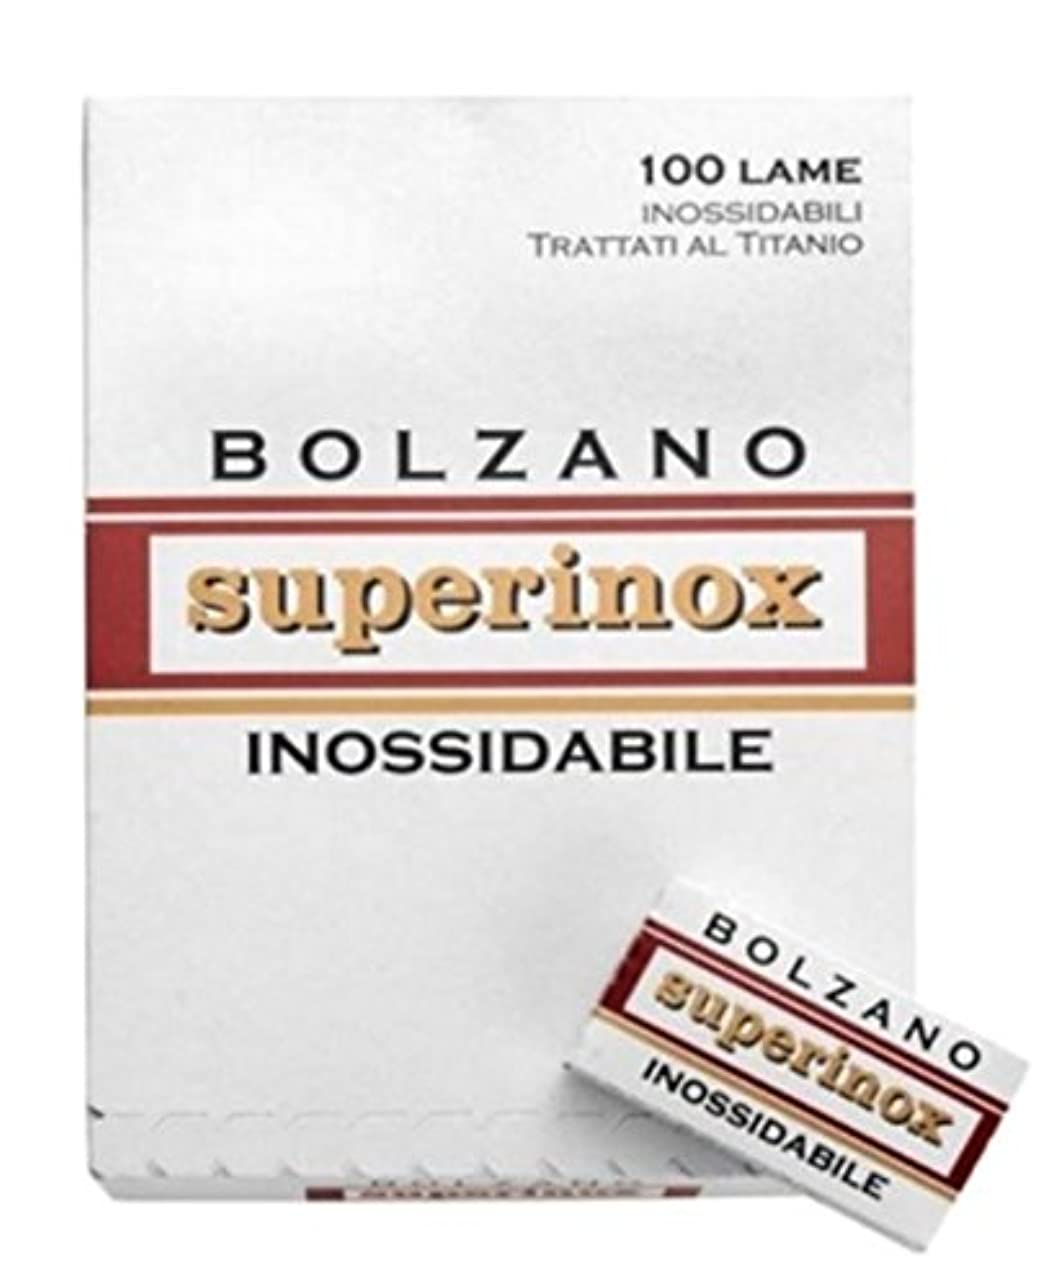 第二にふつう請求可能Bolzano Superinox Inossidabile 両刃替刃 100枚入り(5枚入り20 個セット)【並行輸入品】